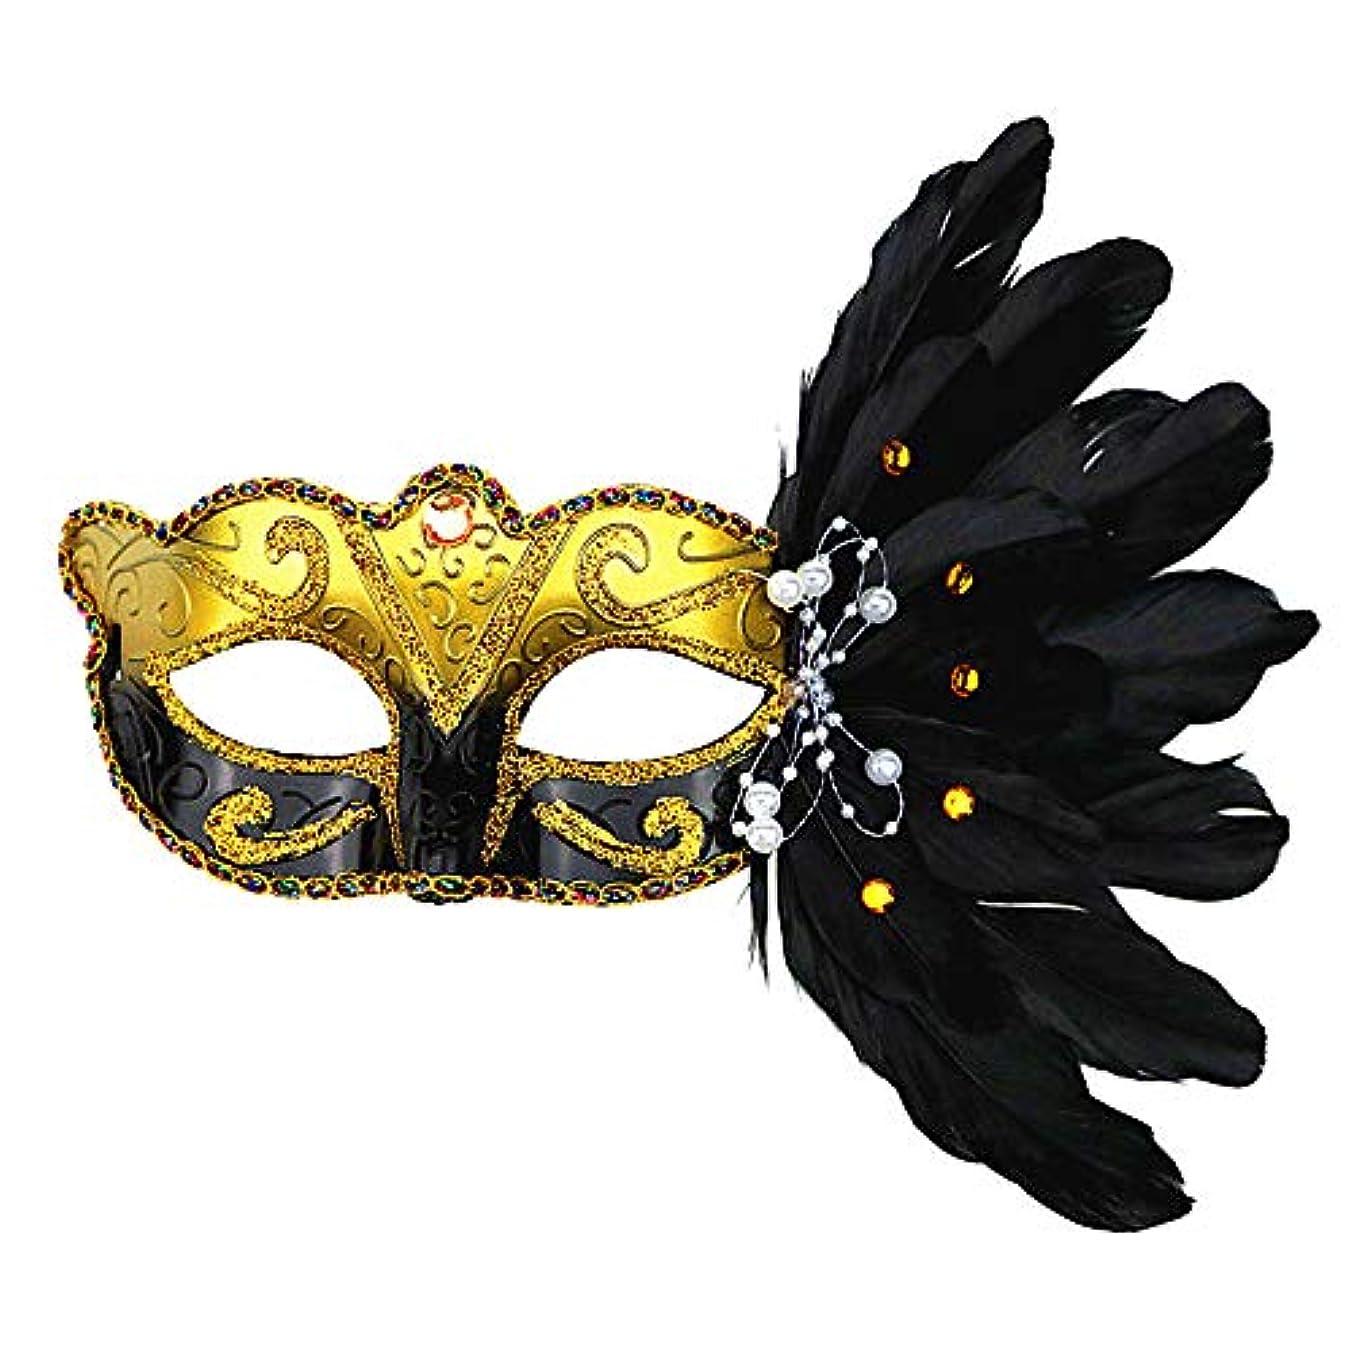 公然と解体する紀元前Auntwhale ハロウィーンマスク大人恐怖コスチューム、ペイントフェザーファンシーマスカレードパーティーハロウィンマスク、フェスティバル通気性ギフトヘッドマスク